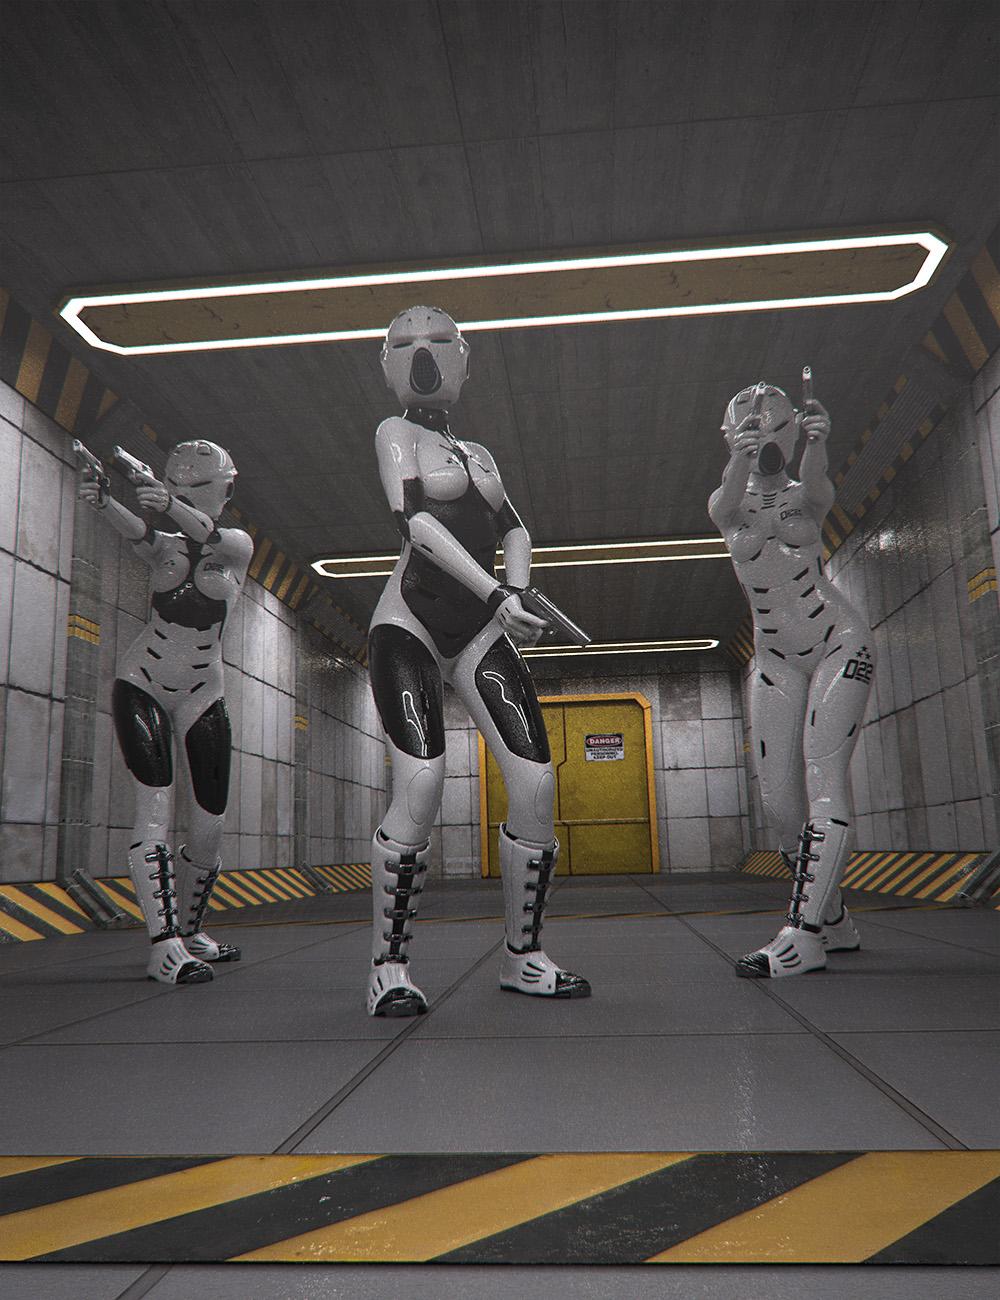 Sci-Fi Corridor Level 51 by: , 3D Models by Daz 3D